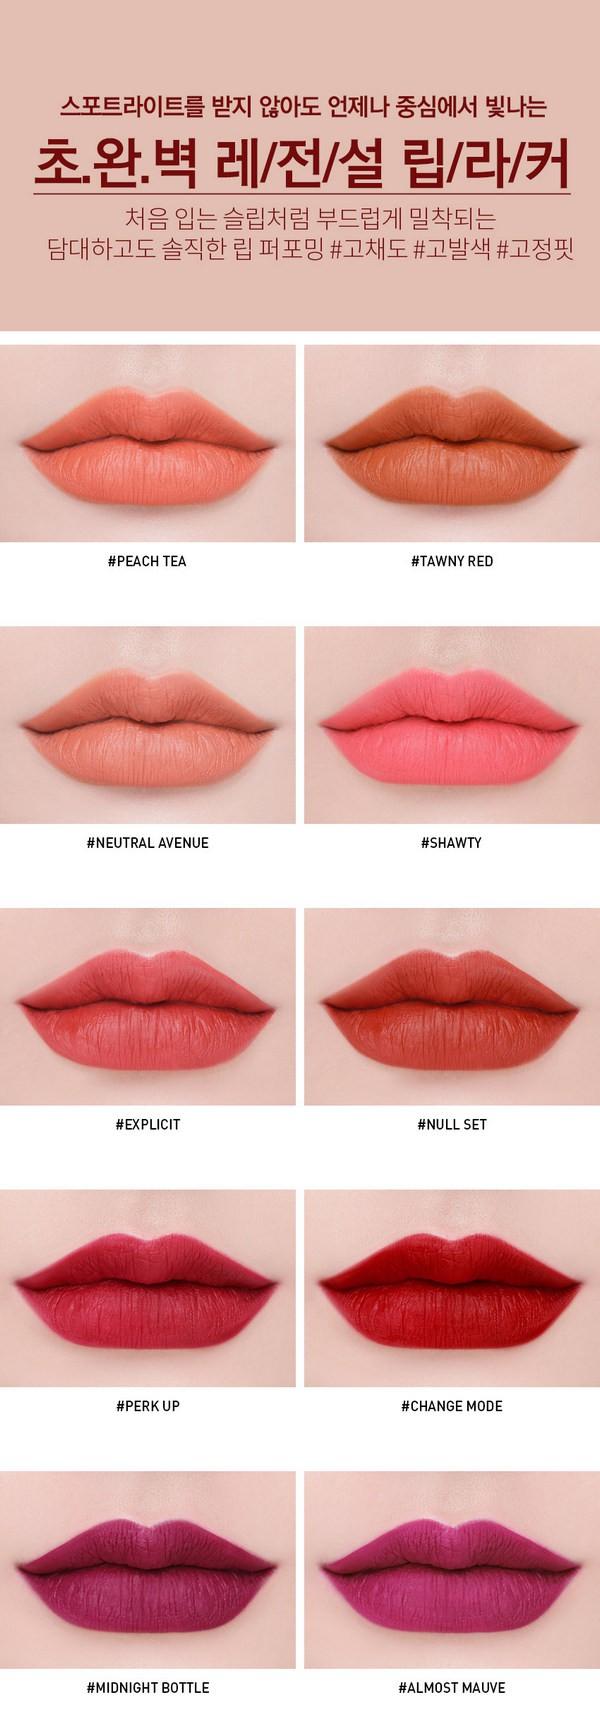 [BIG SALES] Son Kem 3CE Màu Mới Soft Lip Lacquer